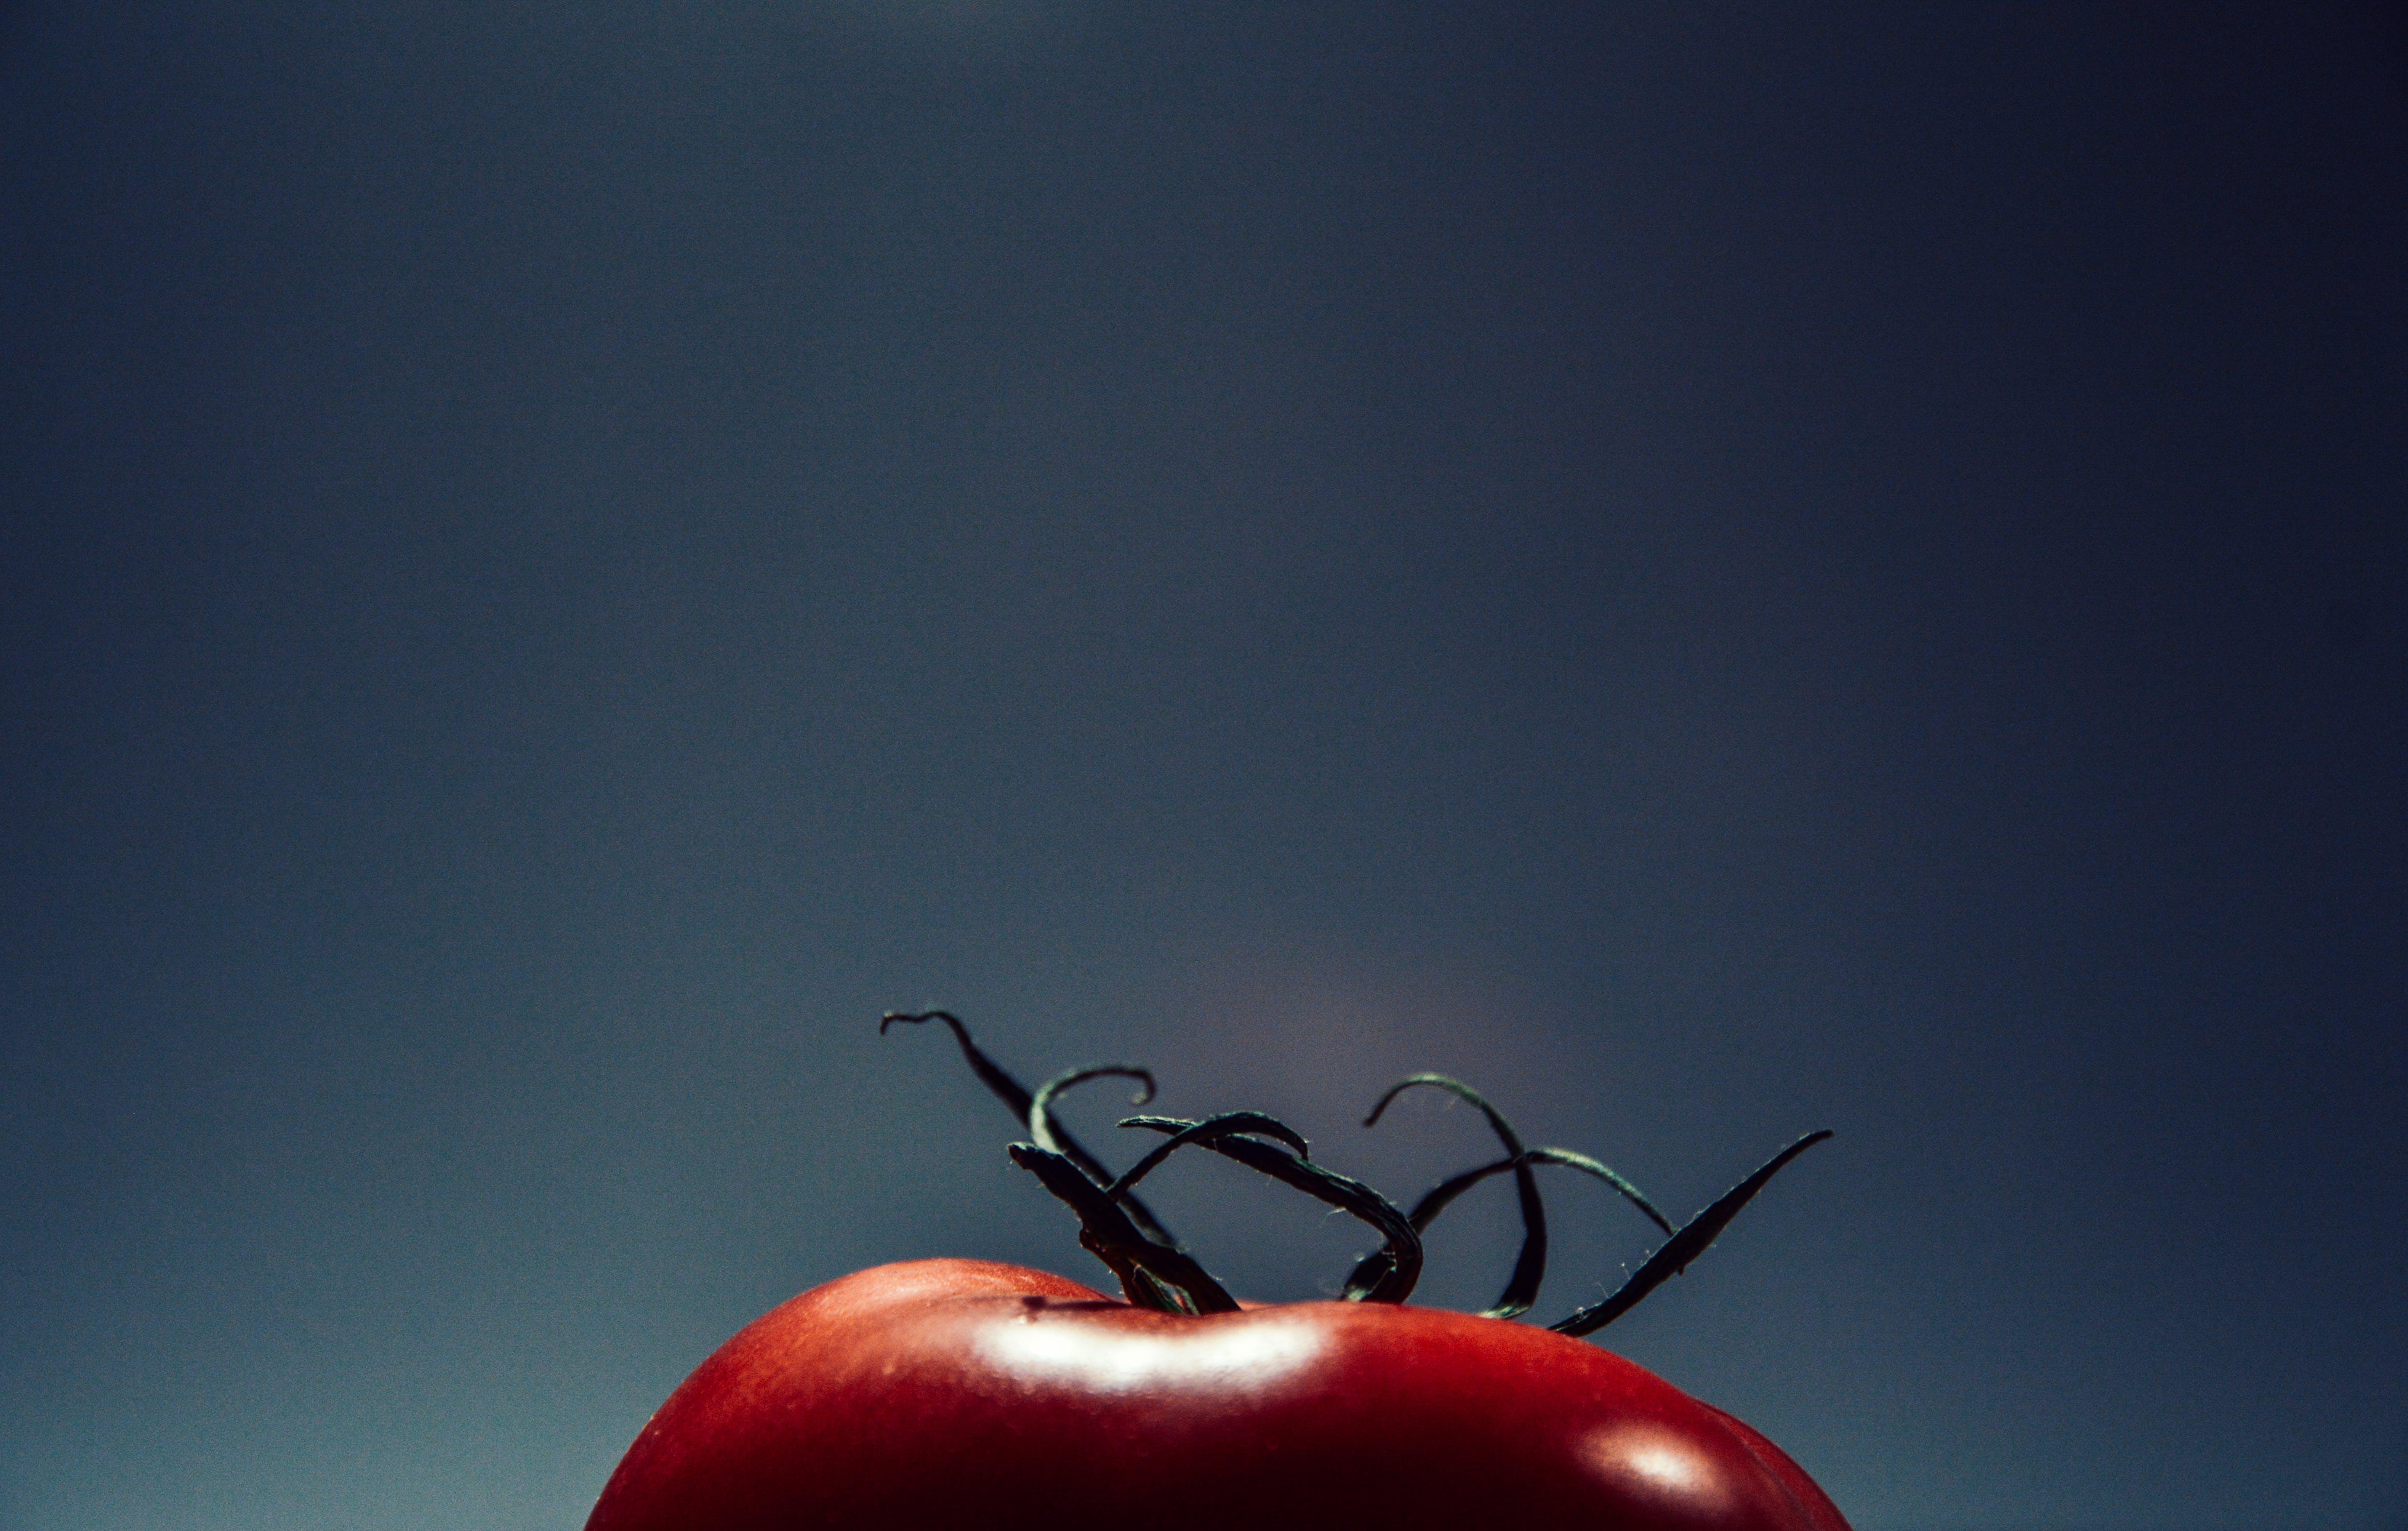 Free stock photo of tomato